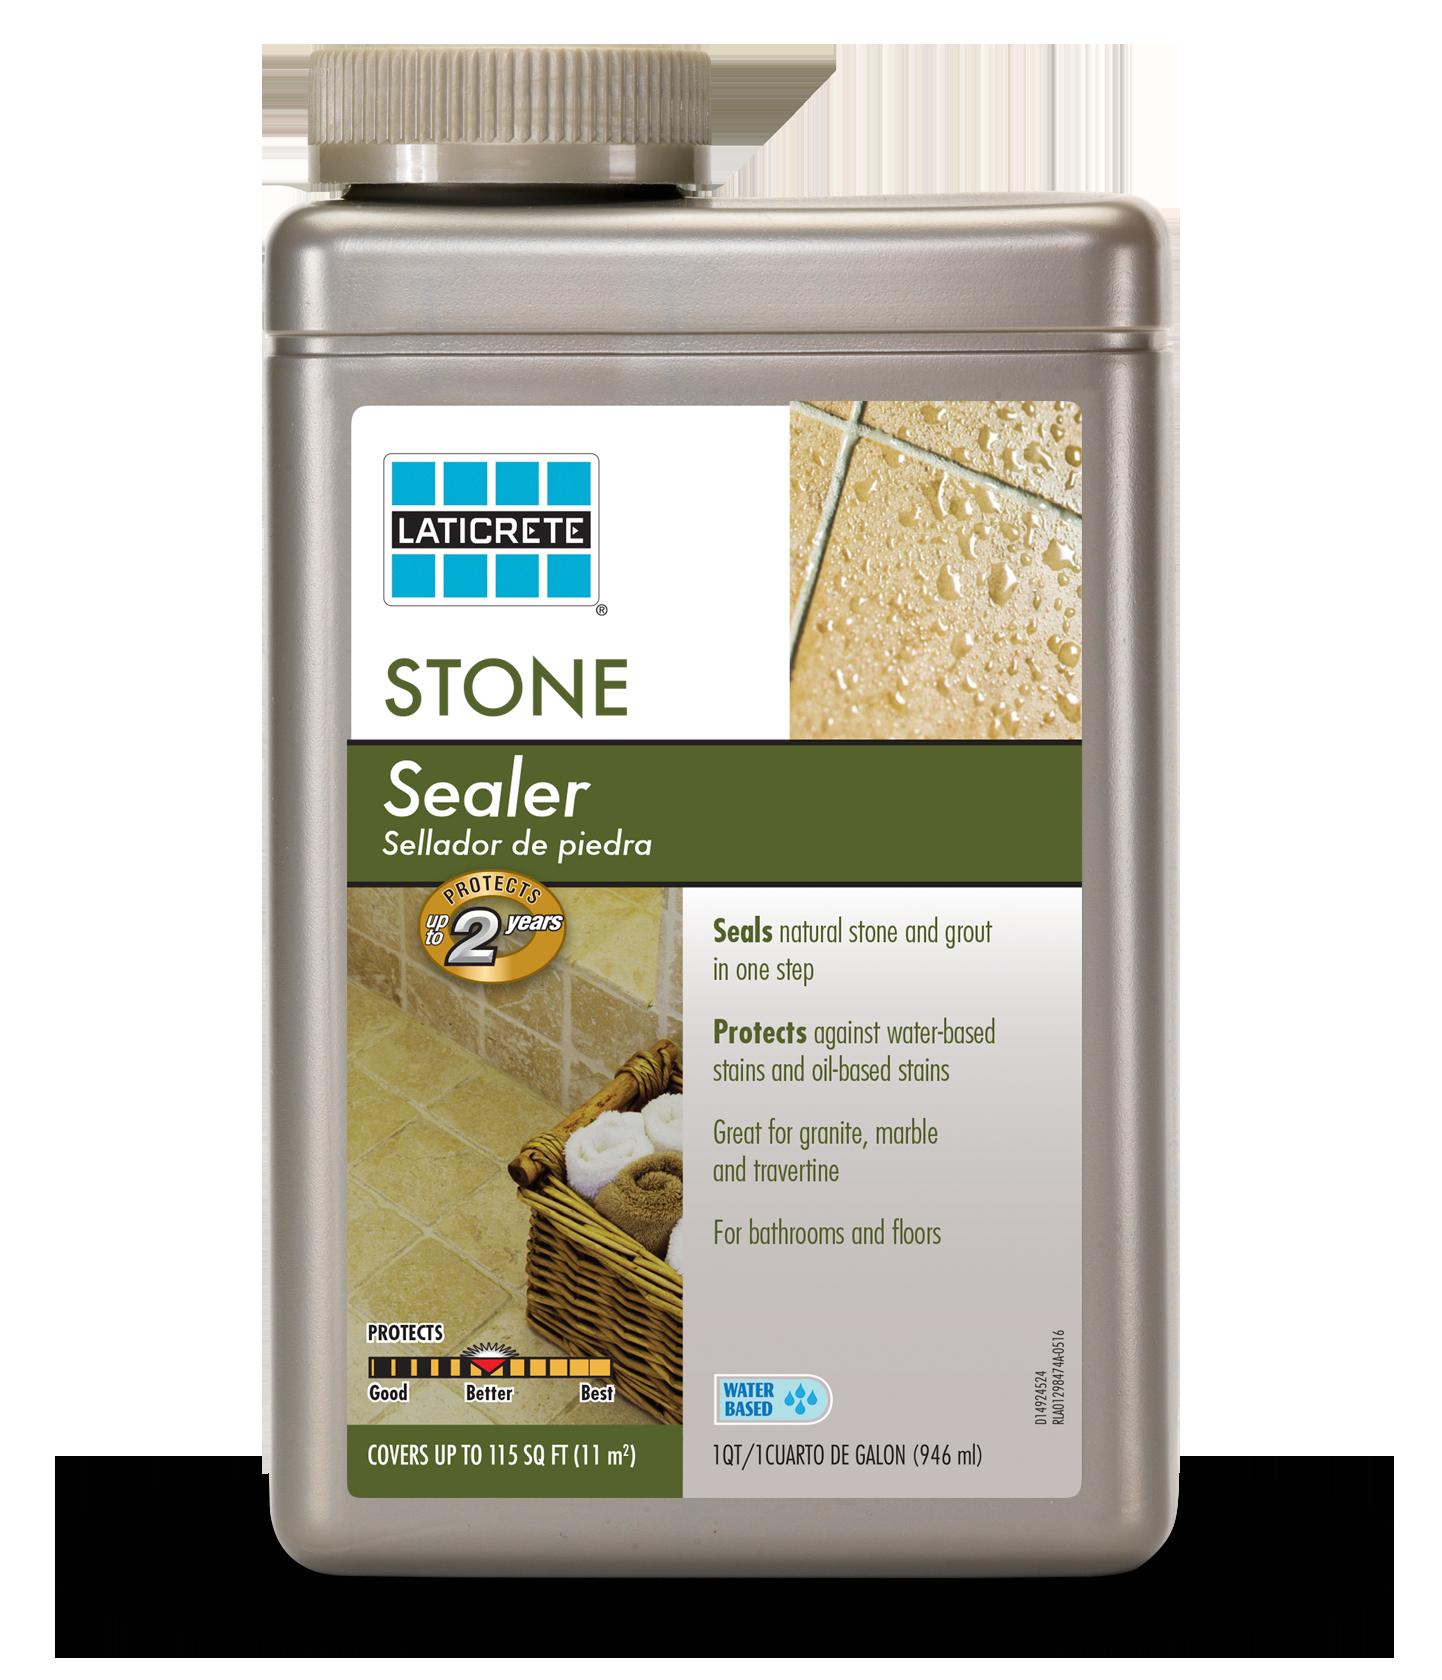 LATICRETE® Stone Sealer